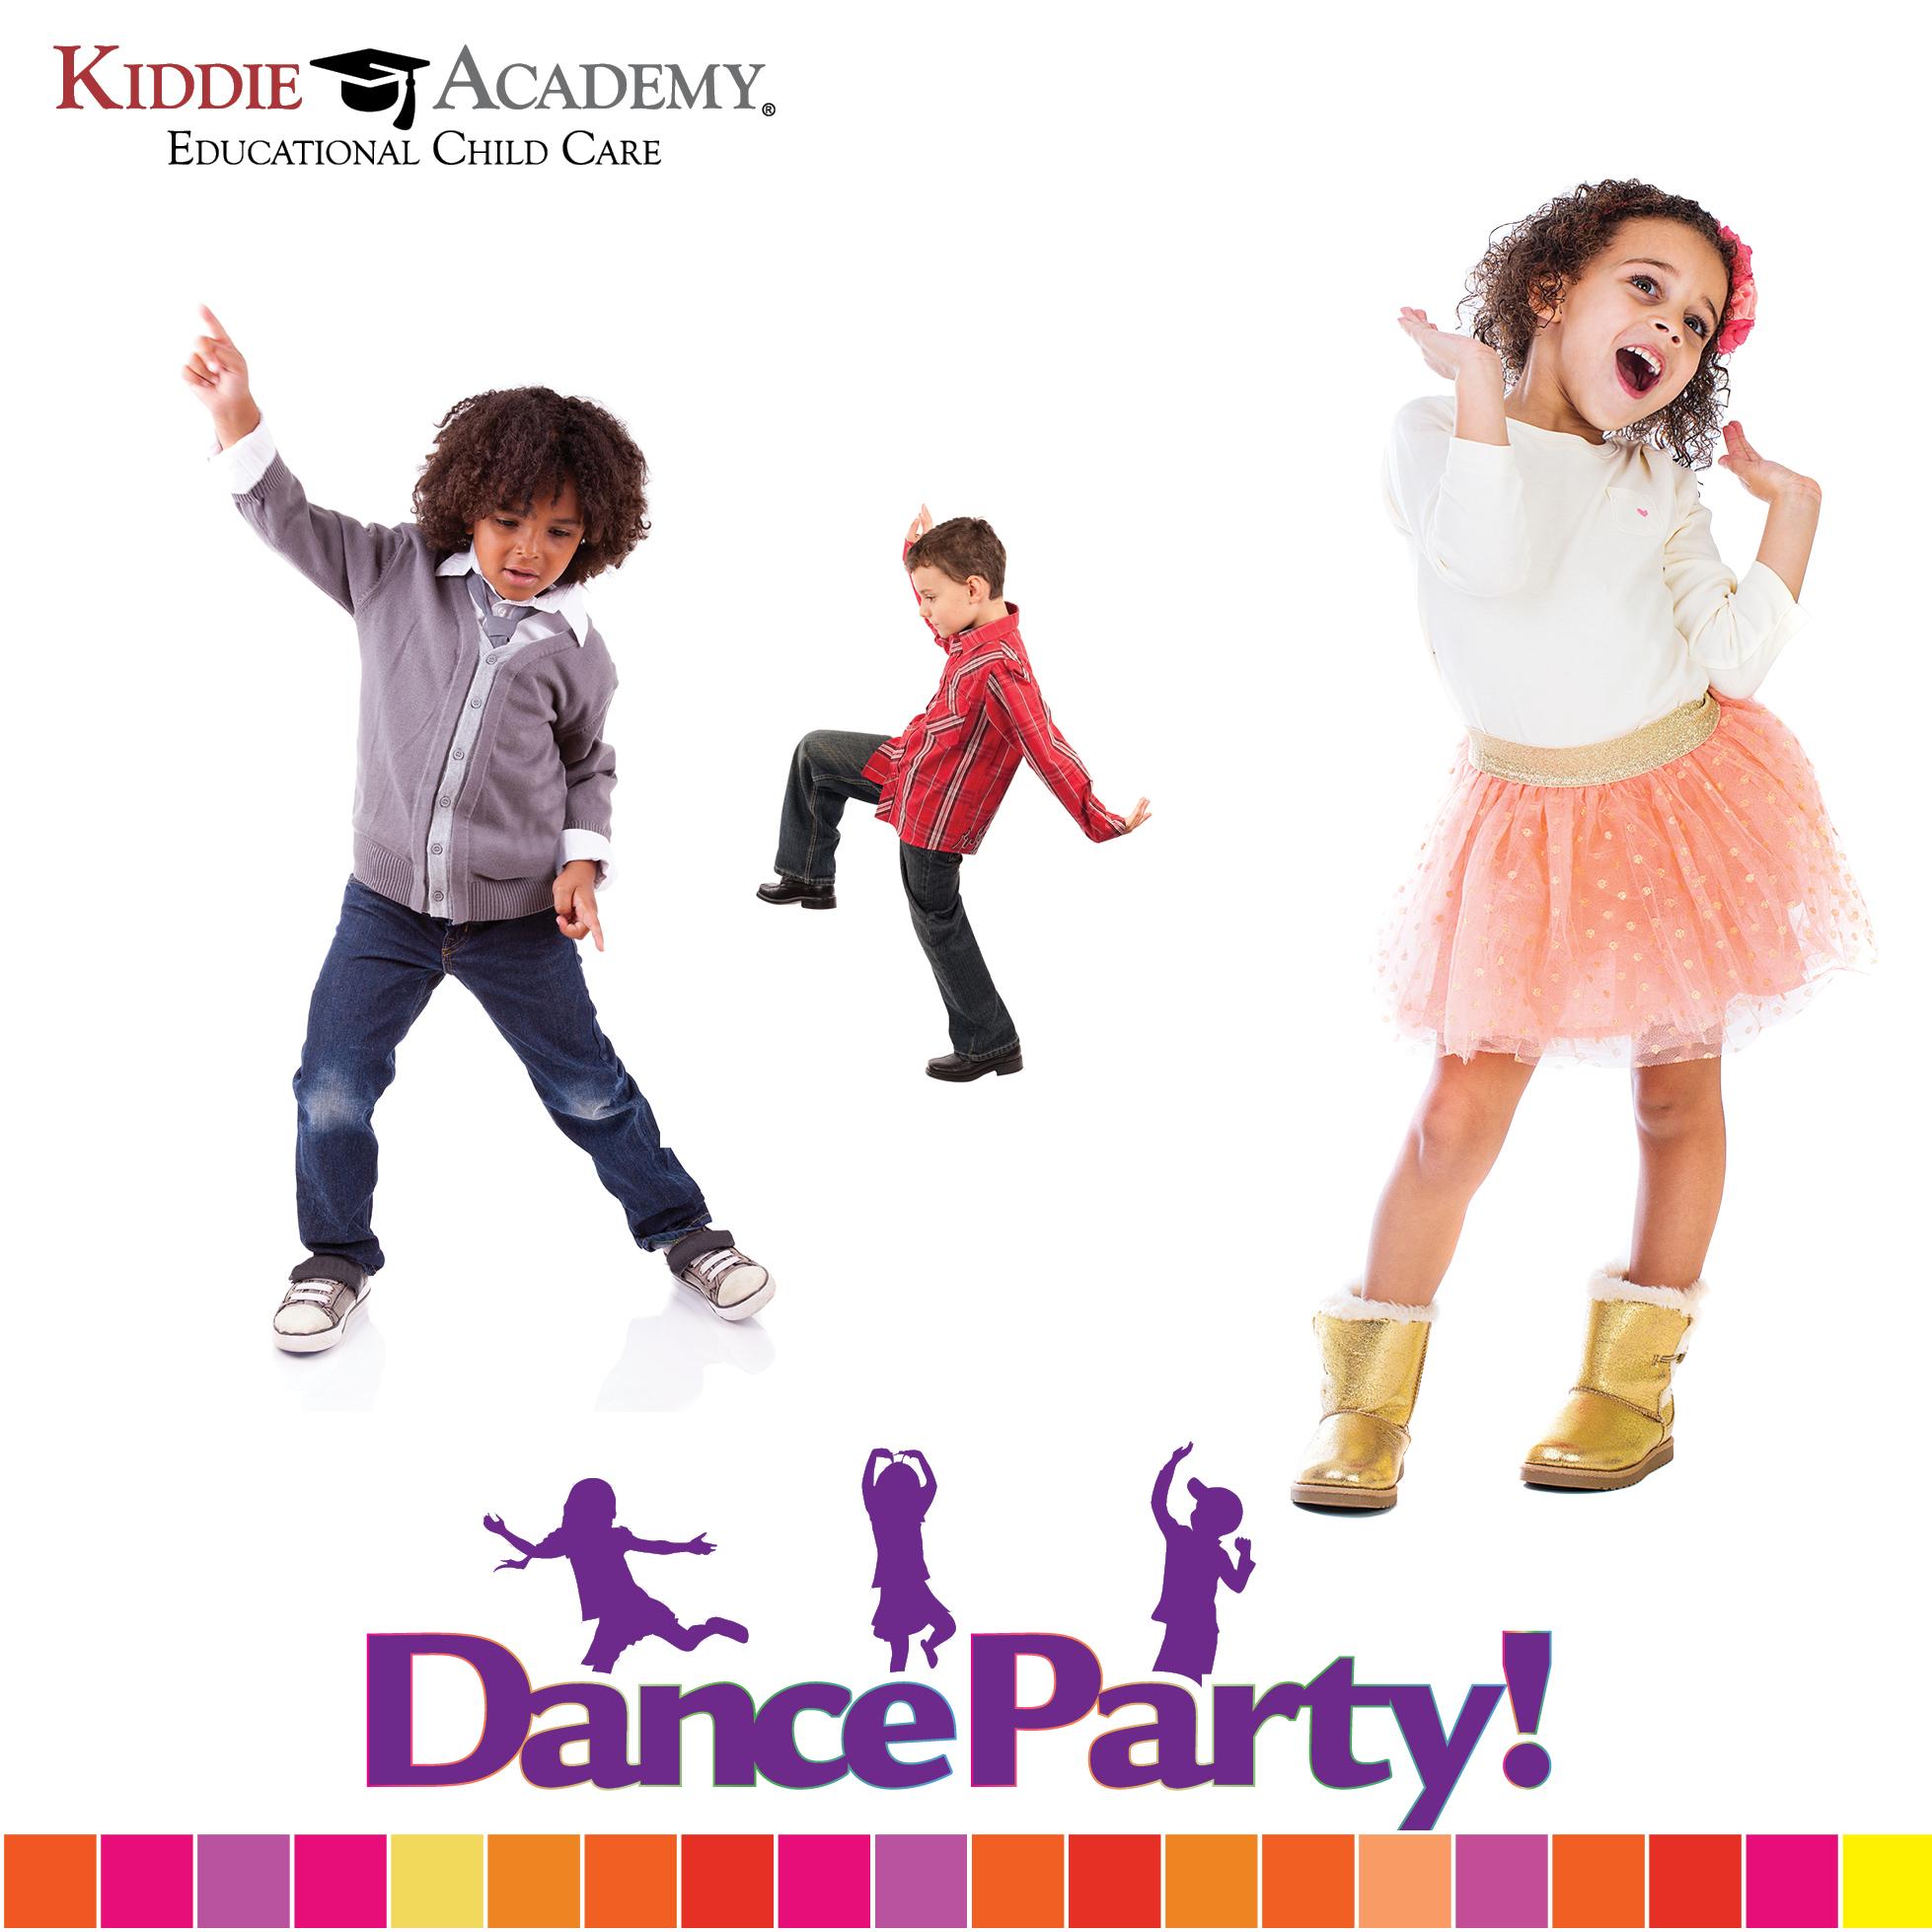 DanceParty_Facebook_ad_image